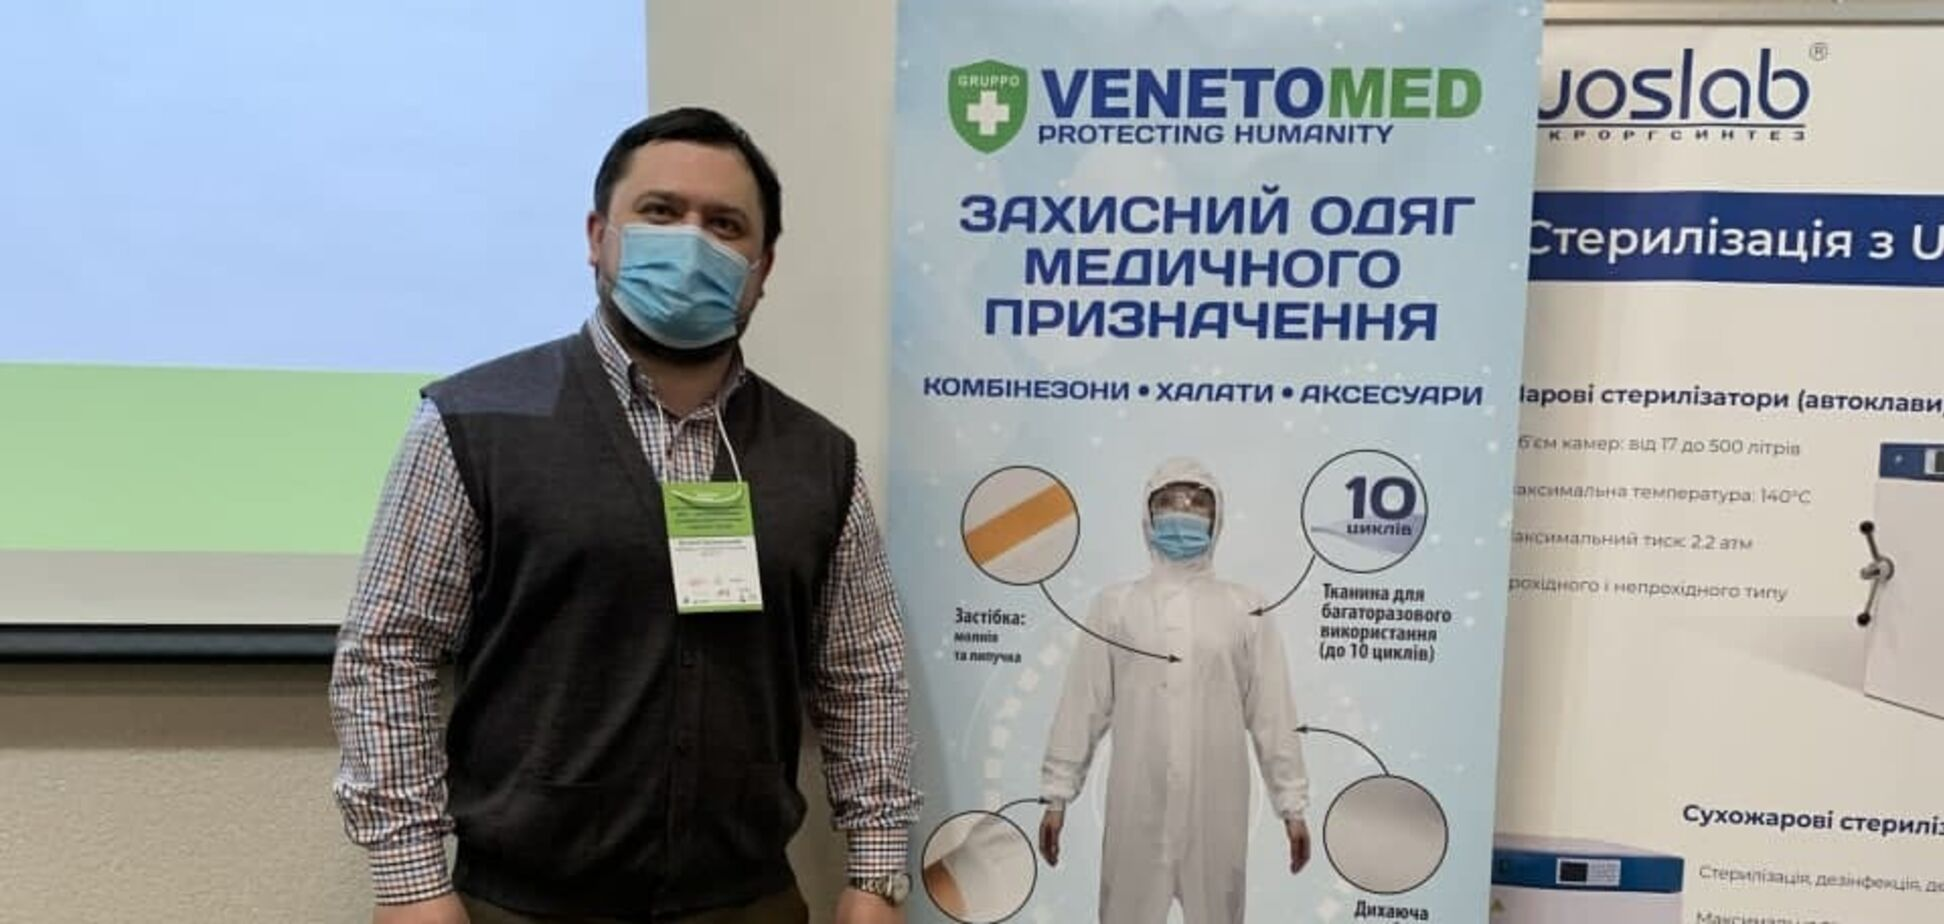 Українські лікарні стали більше купувати продукцію 'ВенетоМед'